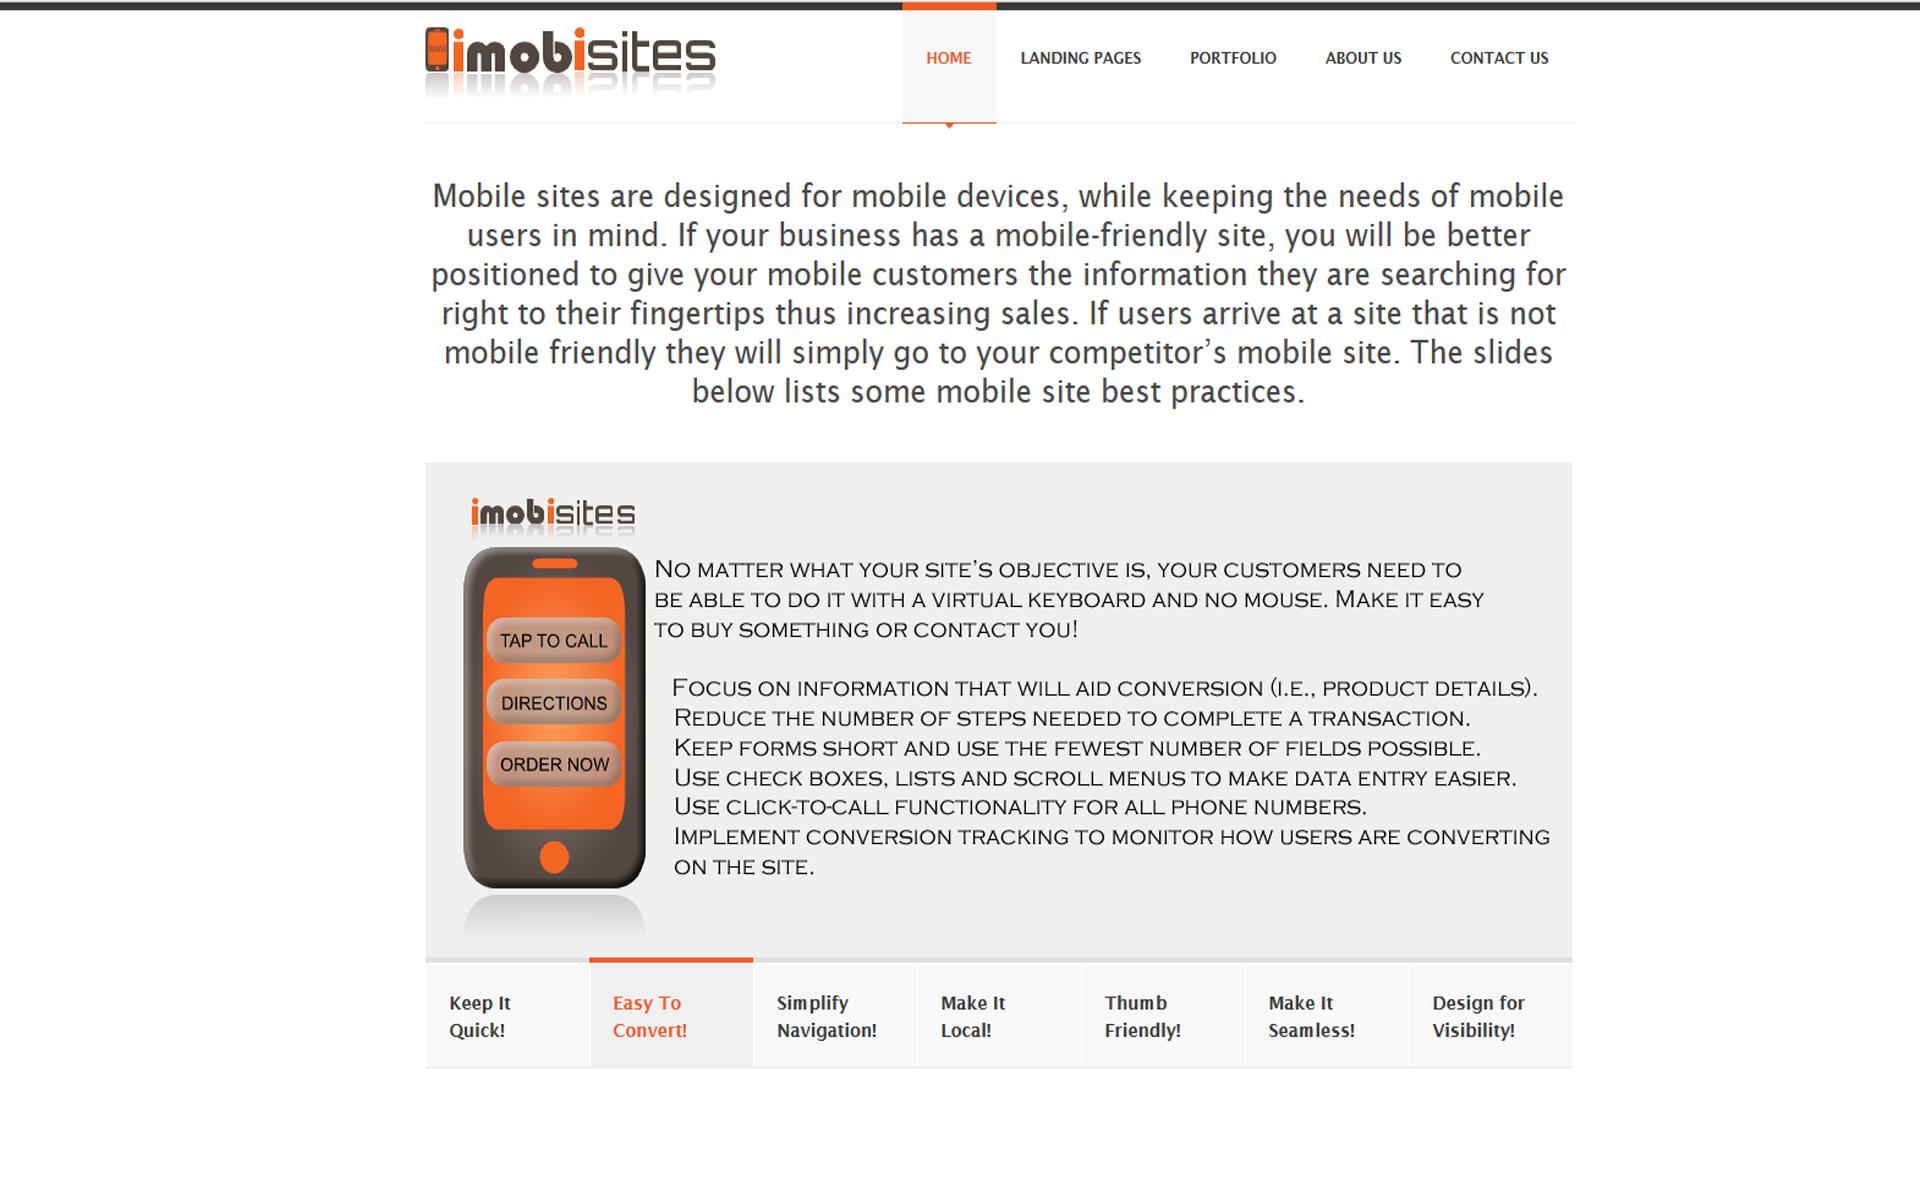 iMobiSites Web Design